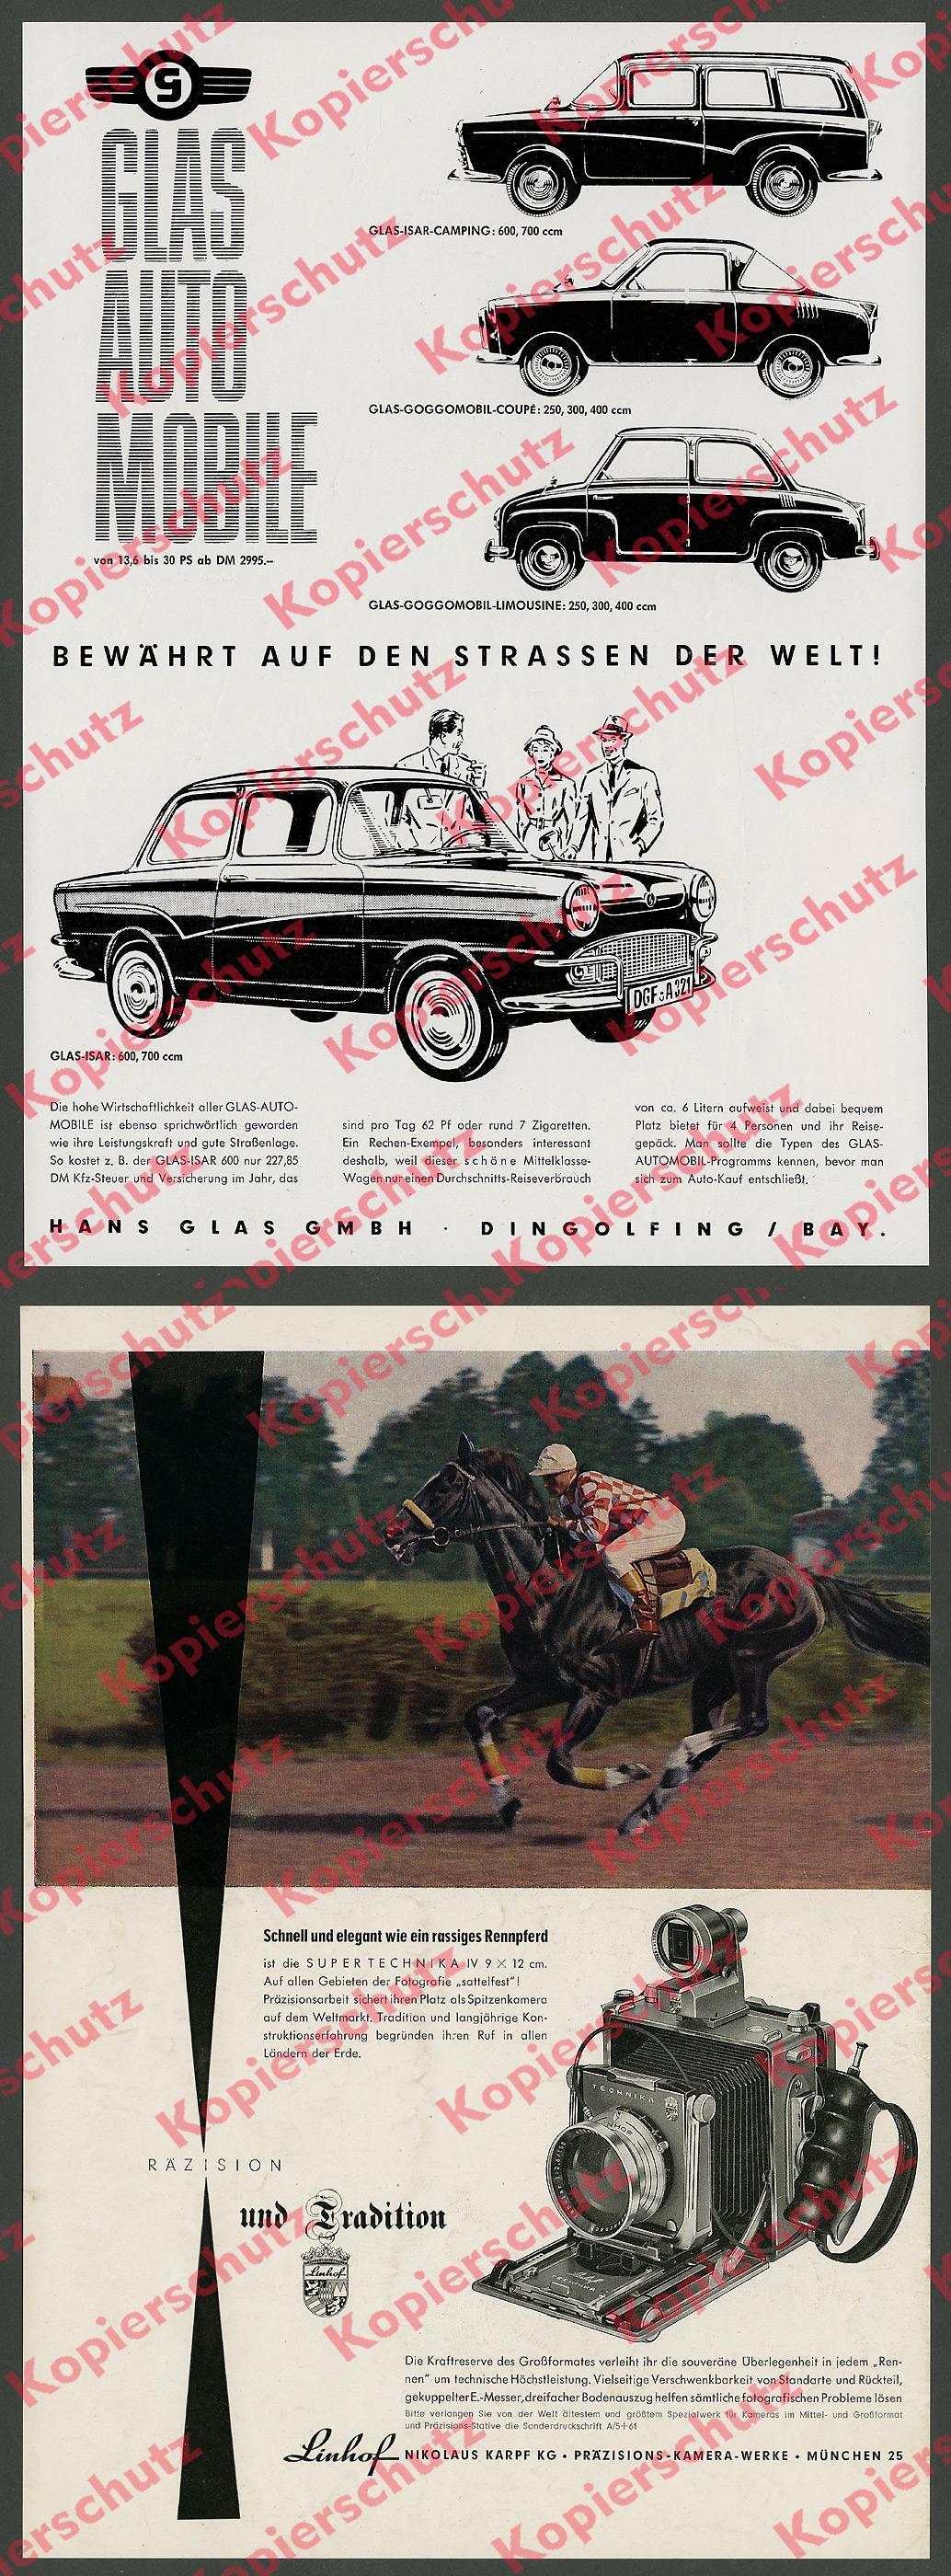 Transport 1958 Original Bmw 600 Isetta Zweizylinder Boxermotor Prospekt Brochure Um Jeden Preis